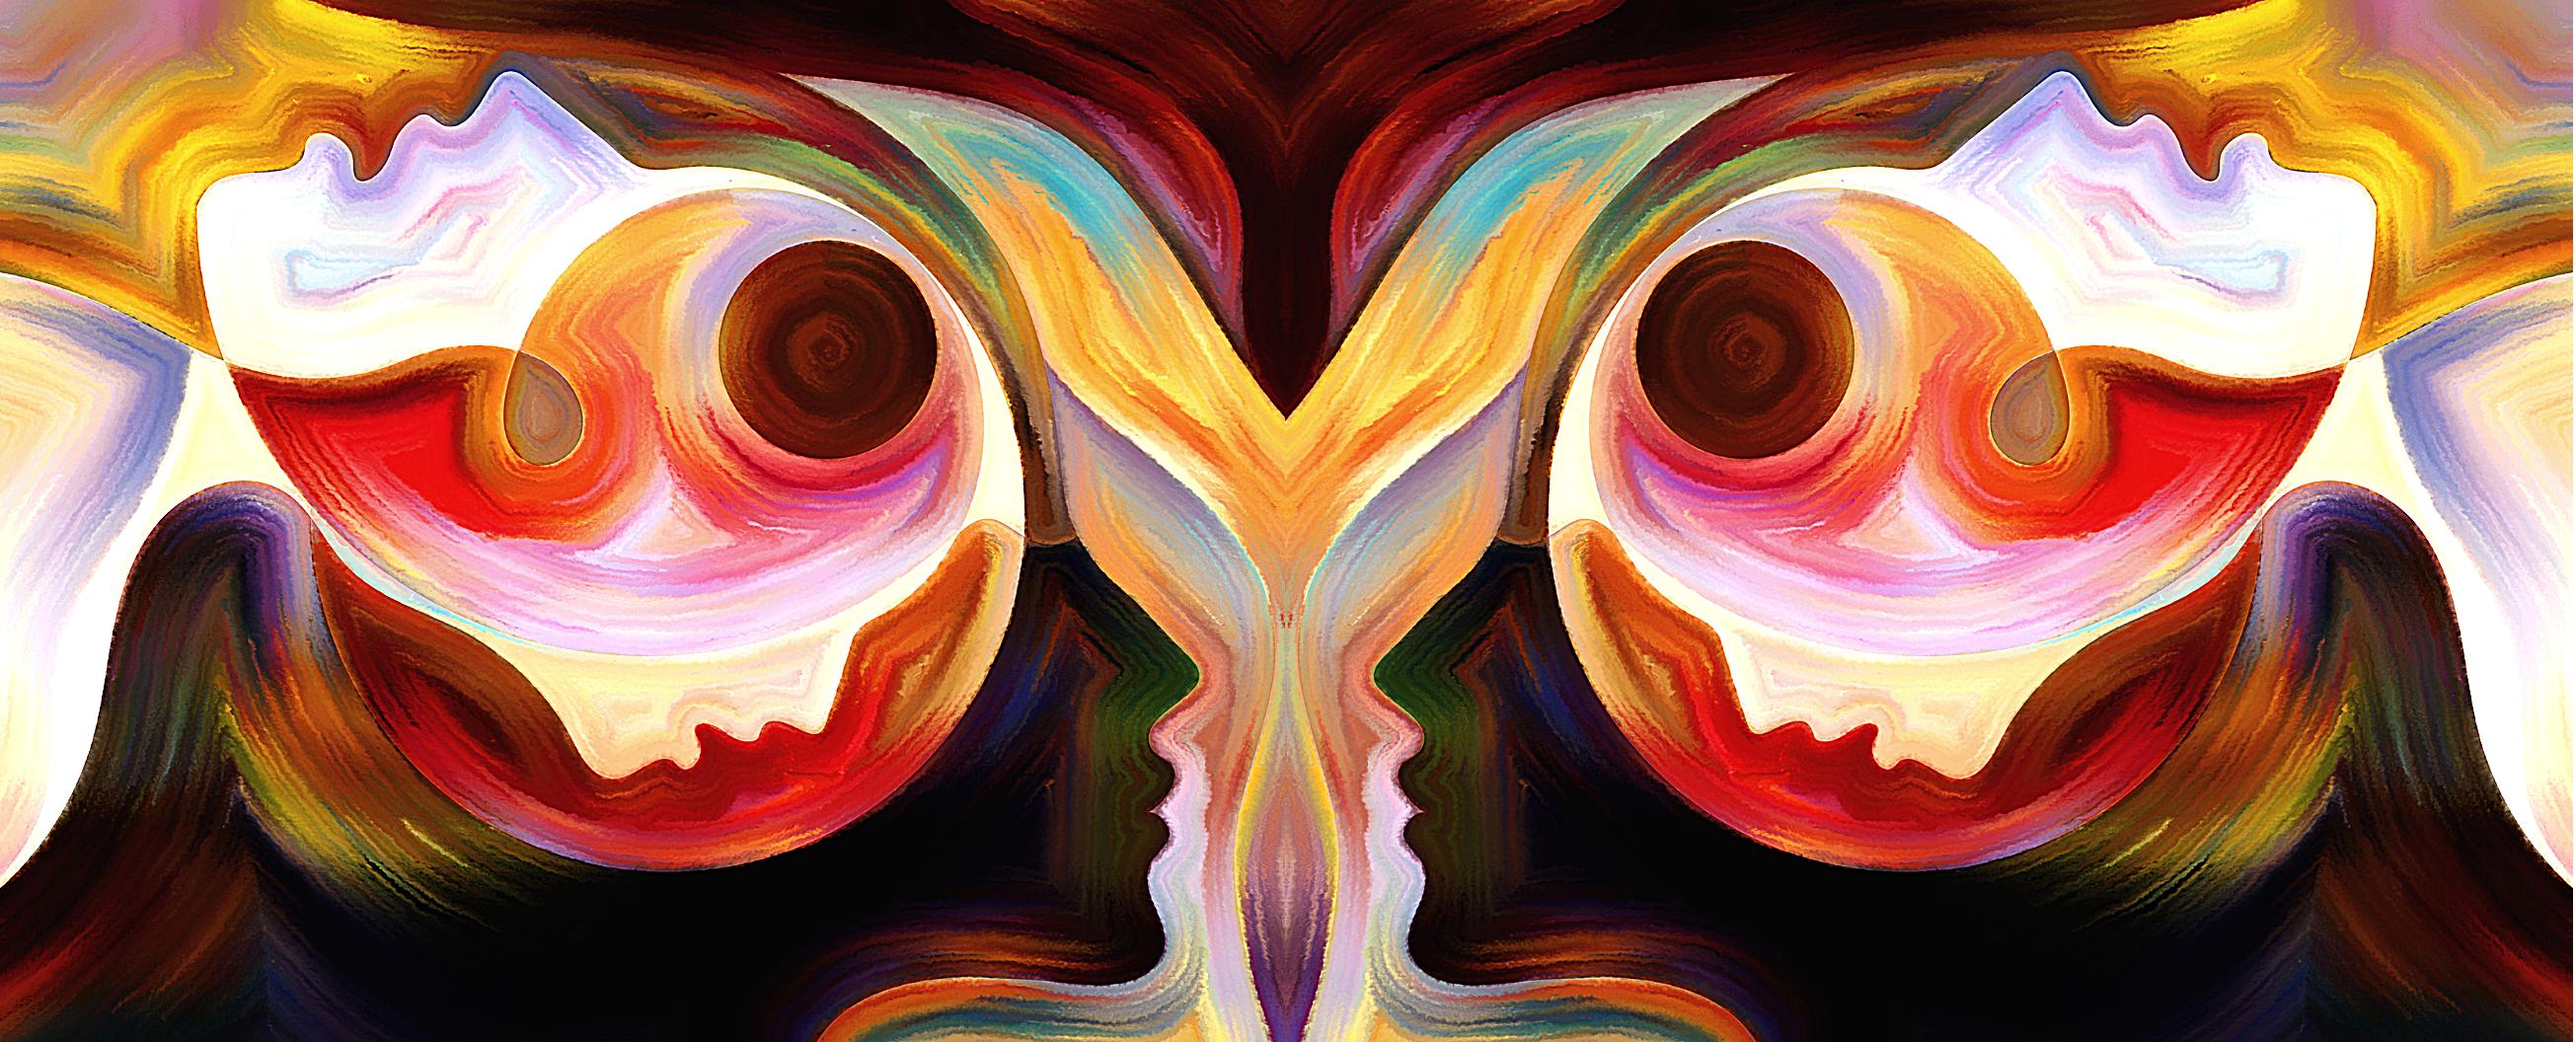 Miteinander sanfter umgehen lernen